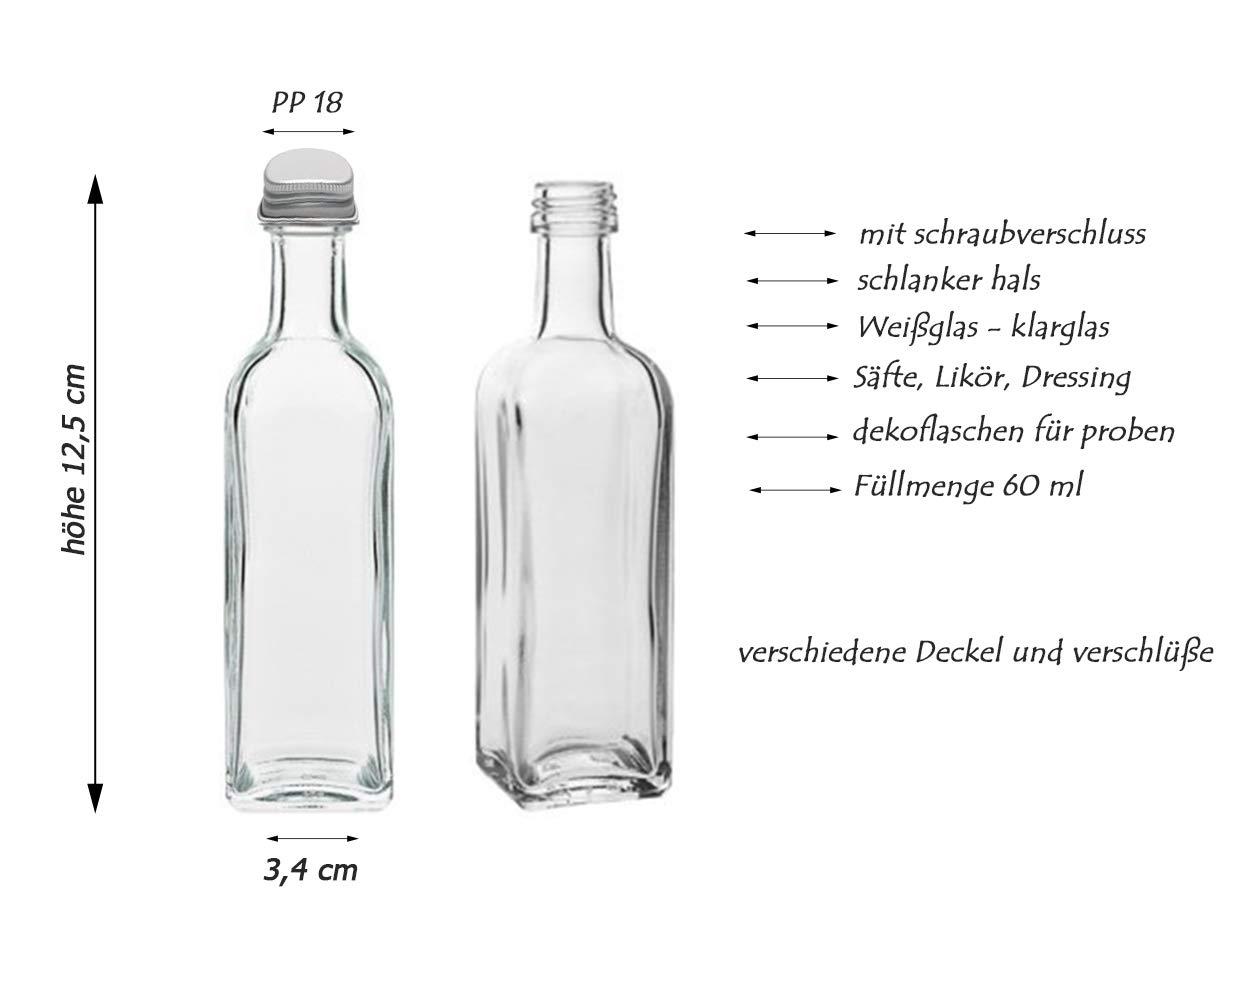 licor cantidad de llenado de 60 ml para botellas de zumo incluye Tap/ón de rosca cuadrado 6//810//16 piezas Juego de botellas de cristal Maraska de Hocz 8 unidades simplemente coloque su propio aceite. plata